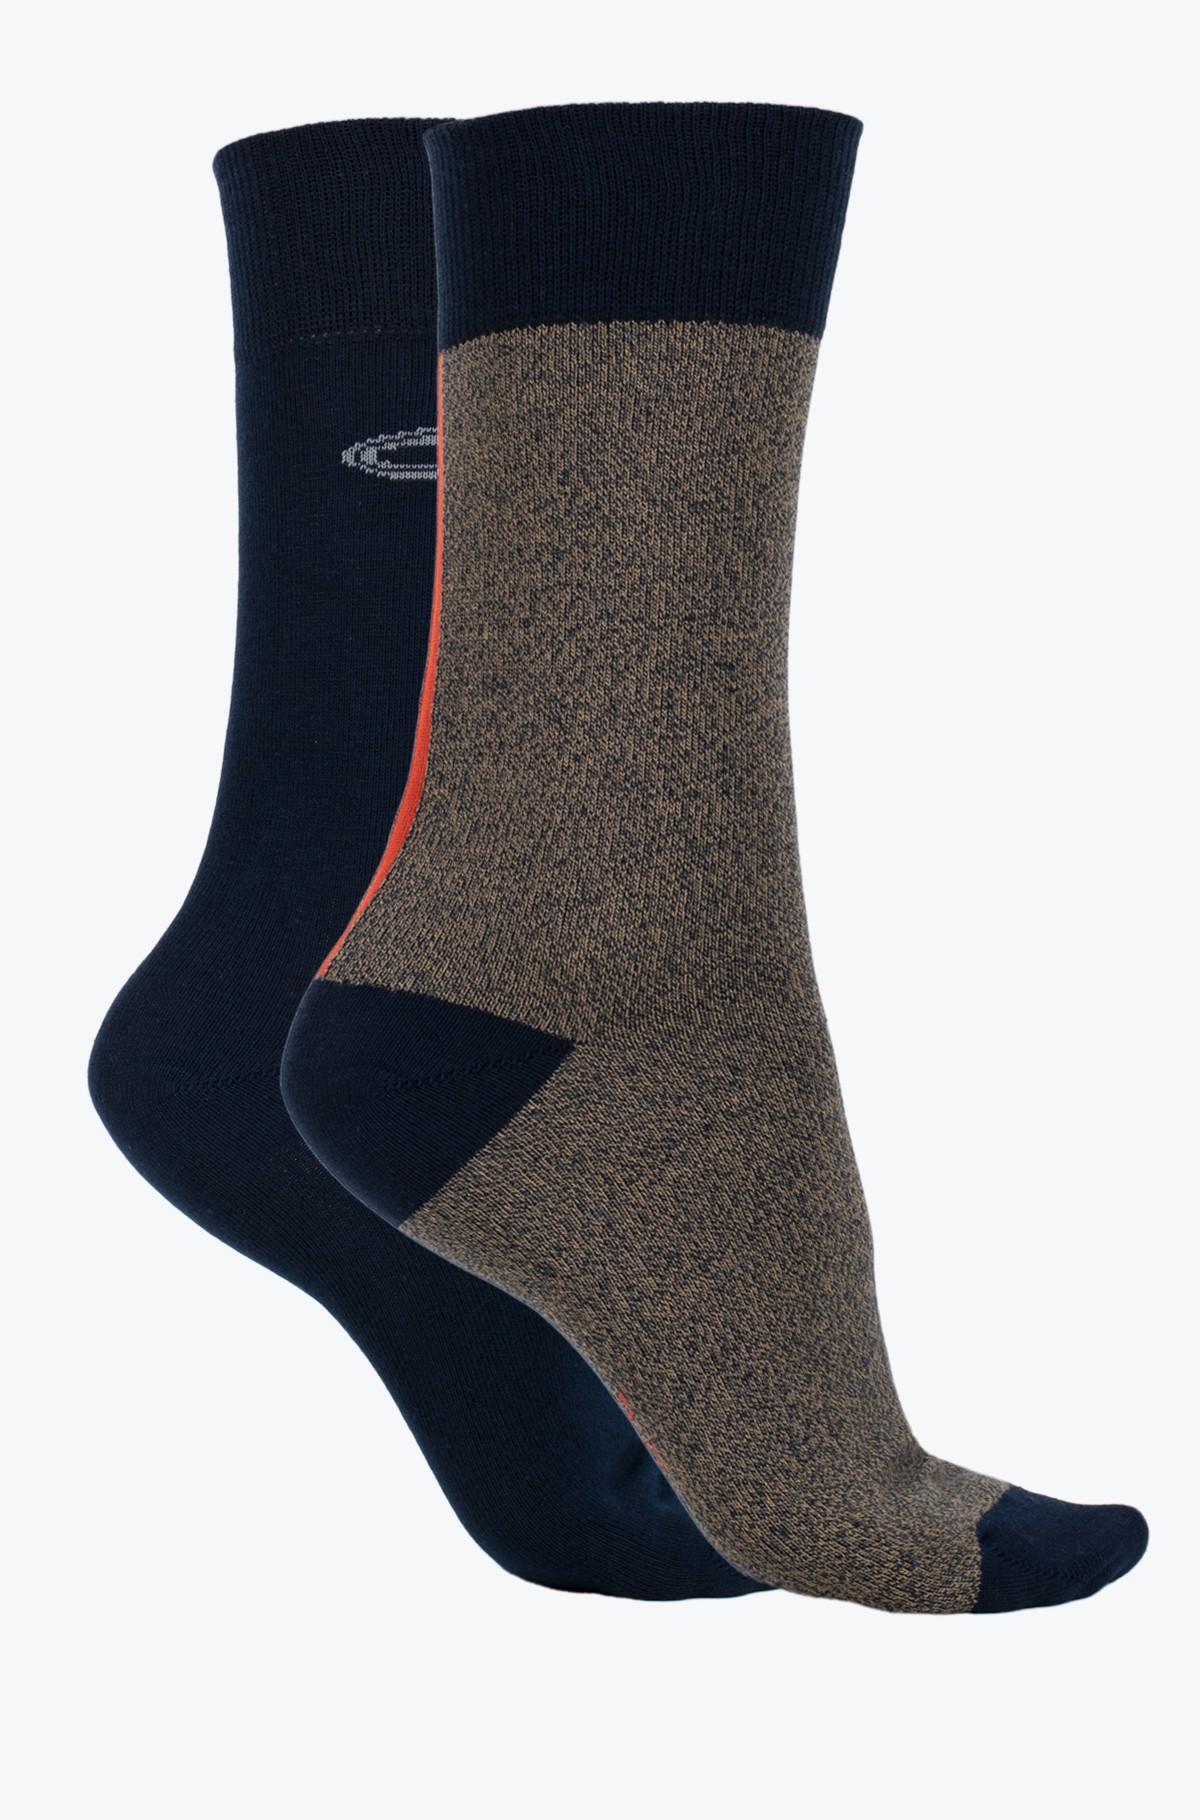 Socks 6202-full-1